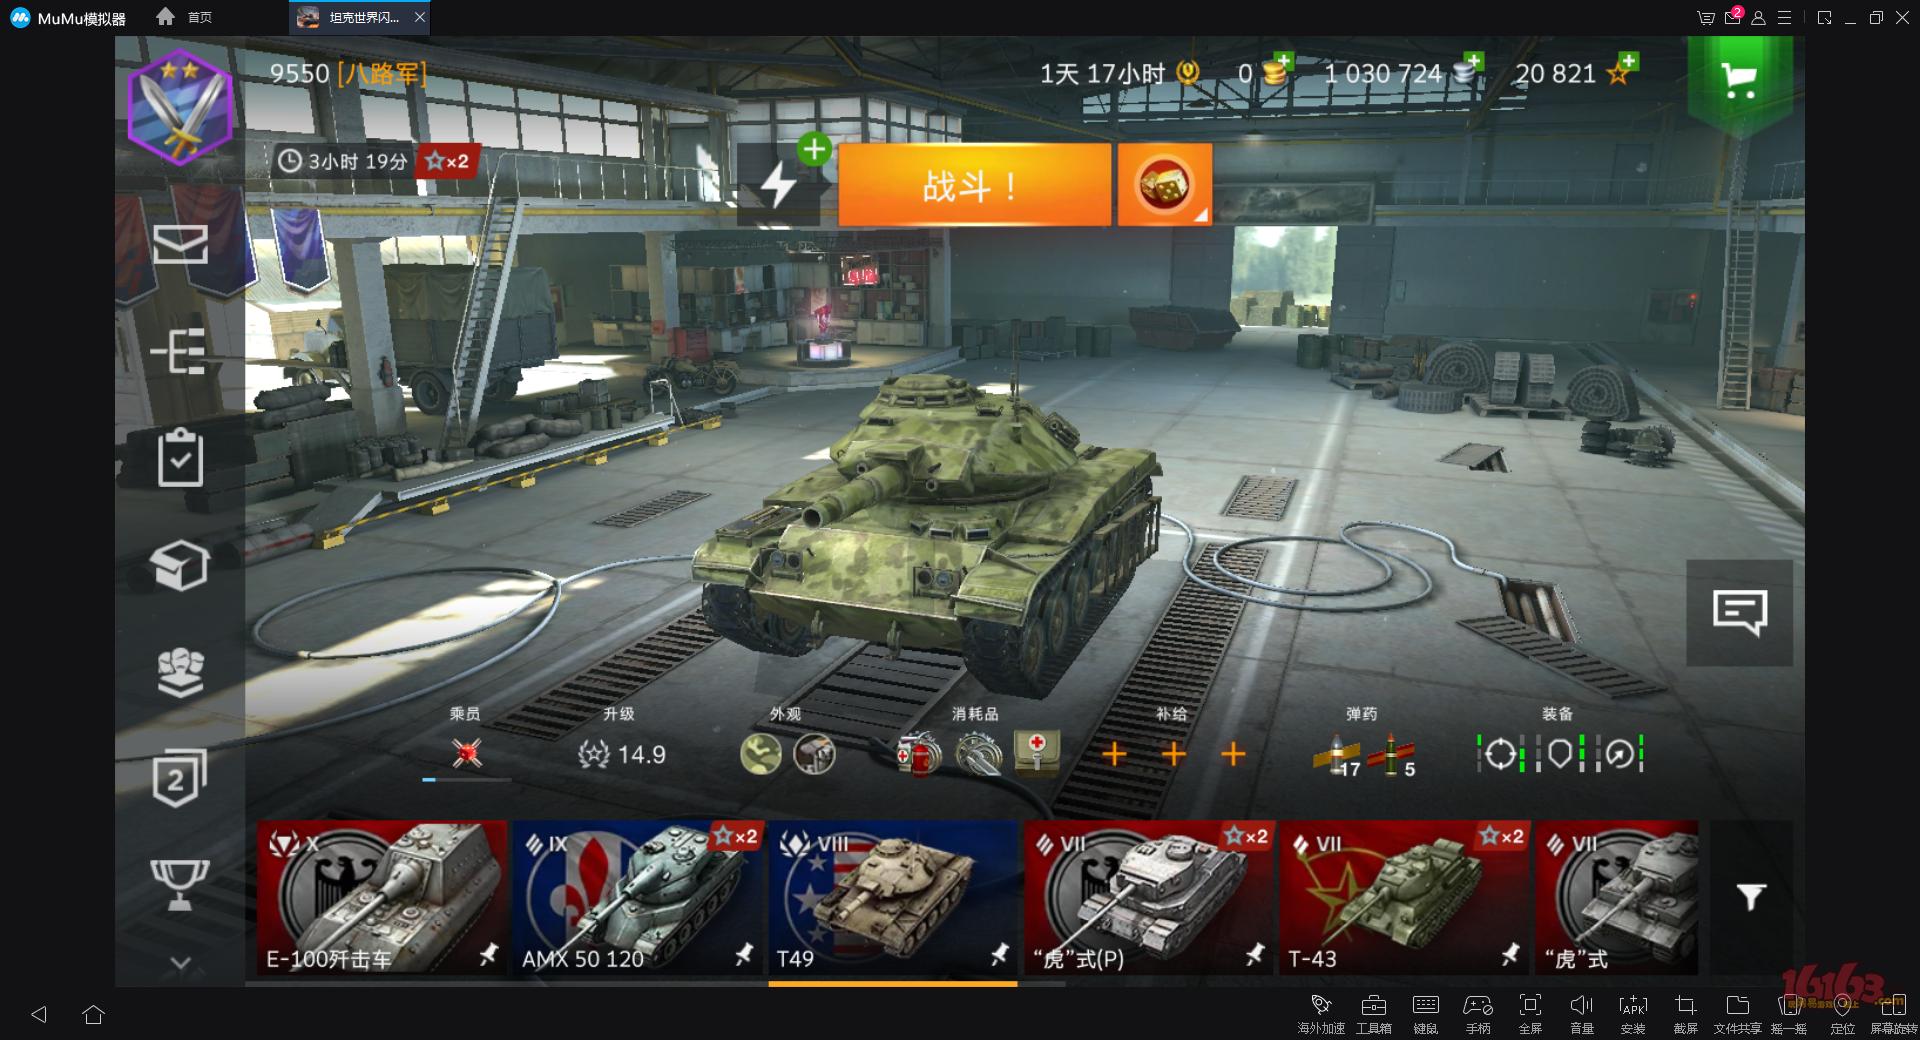 坦克世界闪击战 - MuMu模拟器 2020_1_17 10_39_40.png